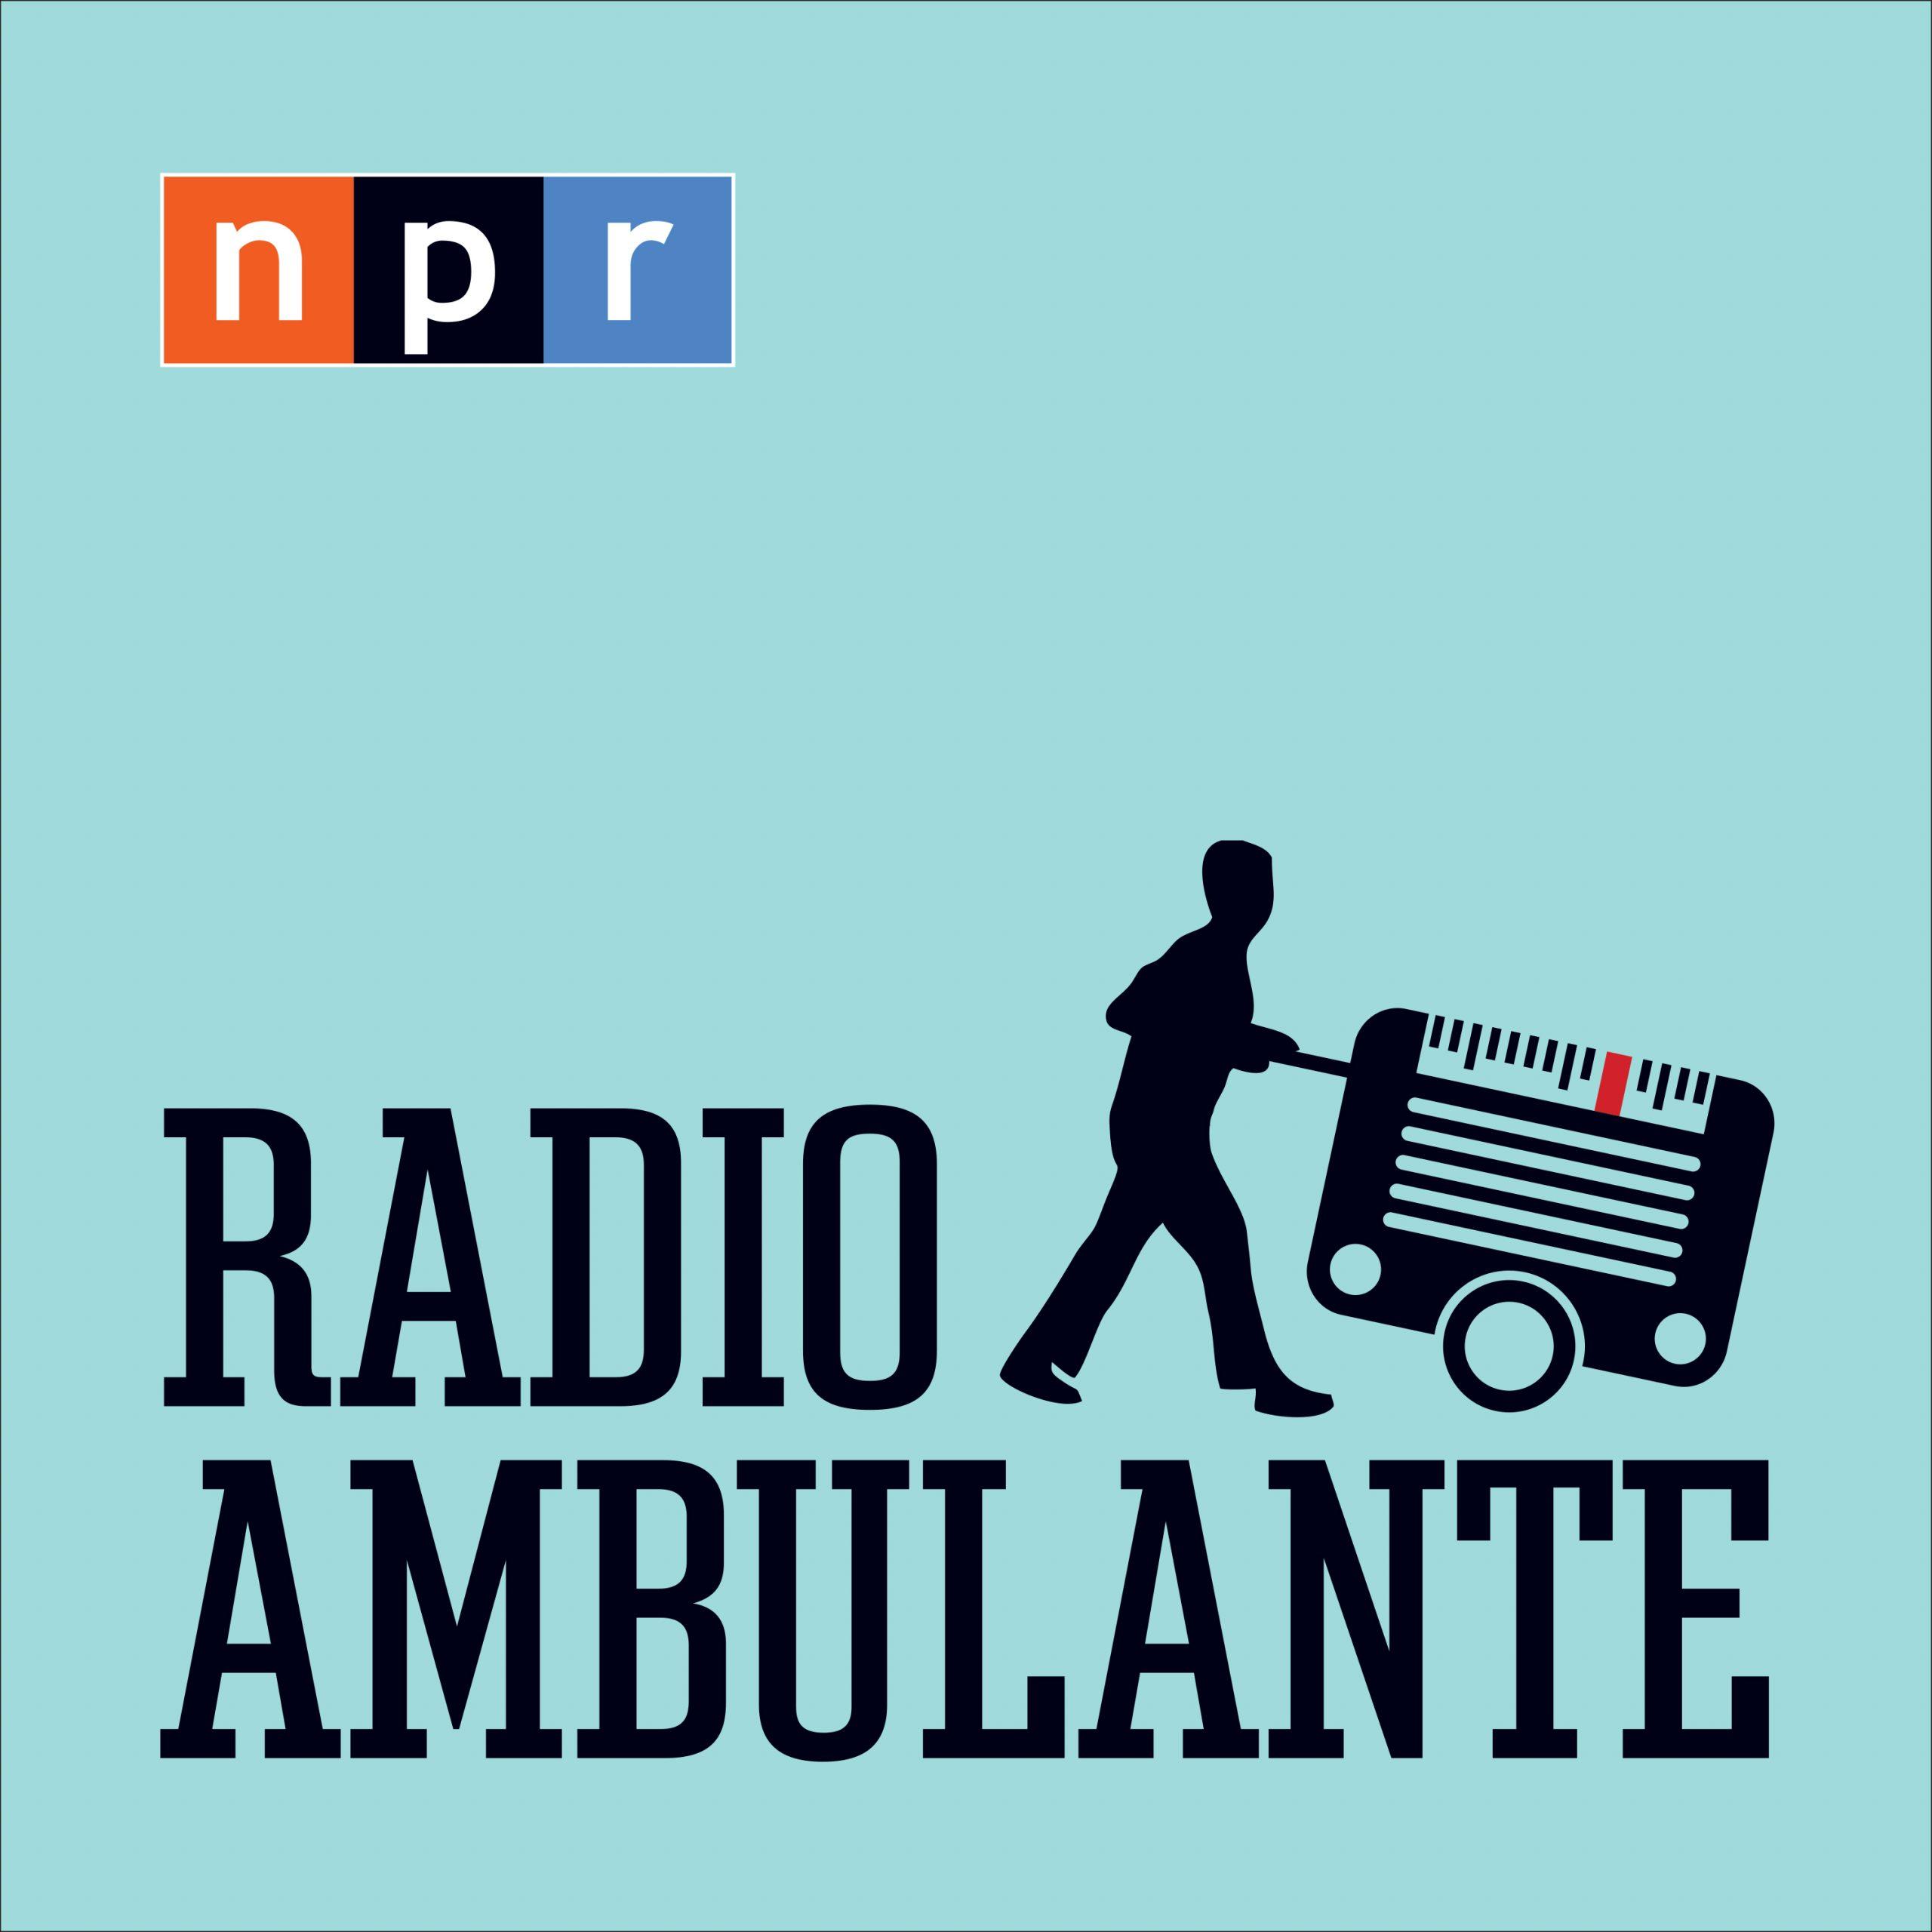 Radio Ambulante - Un podcast que cuenta las historias de América Latina